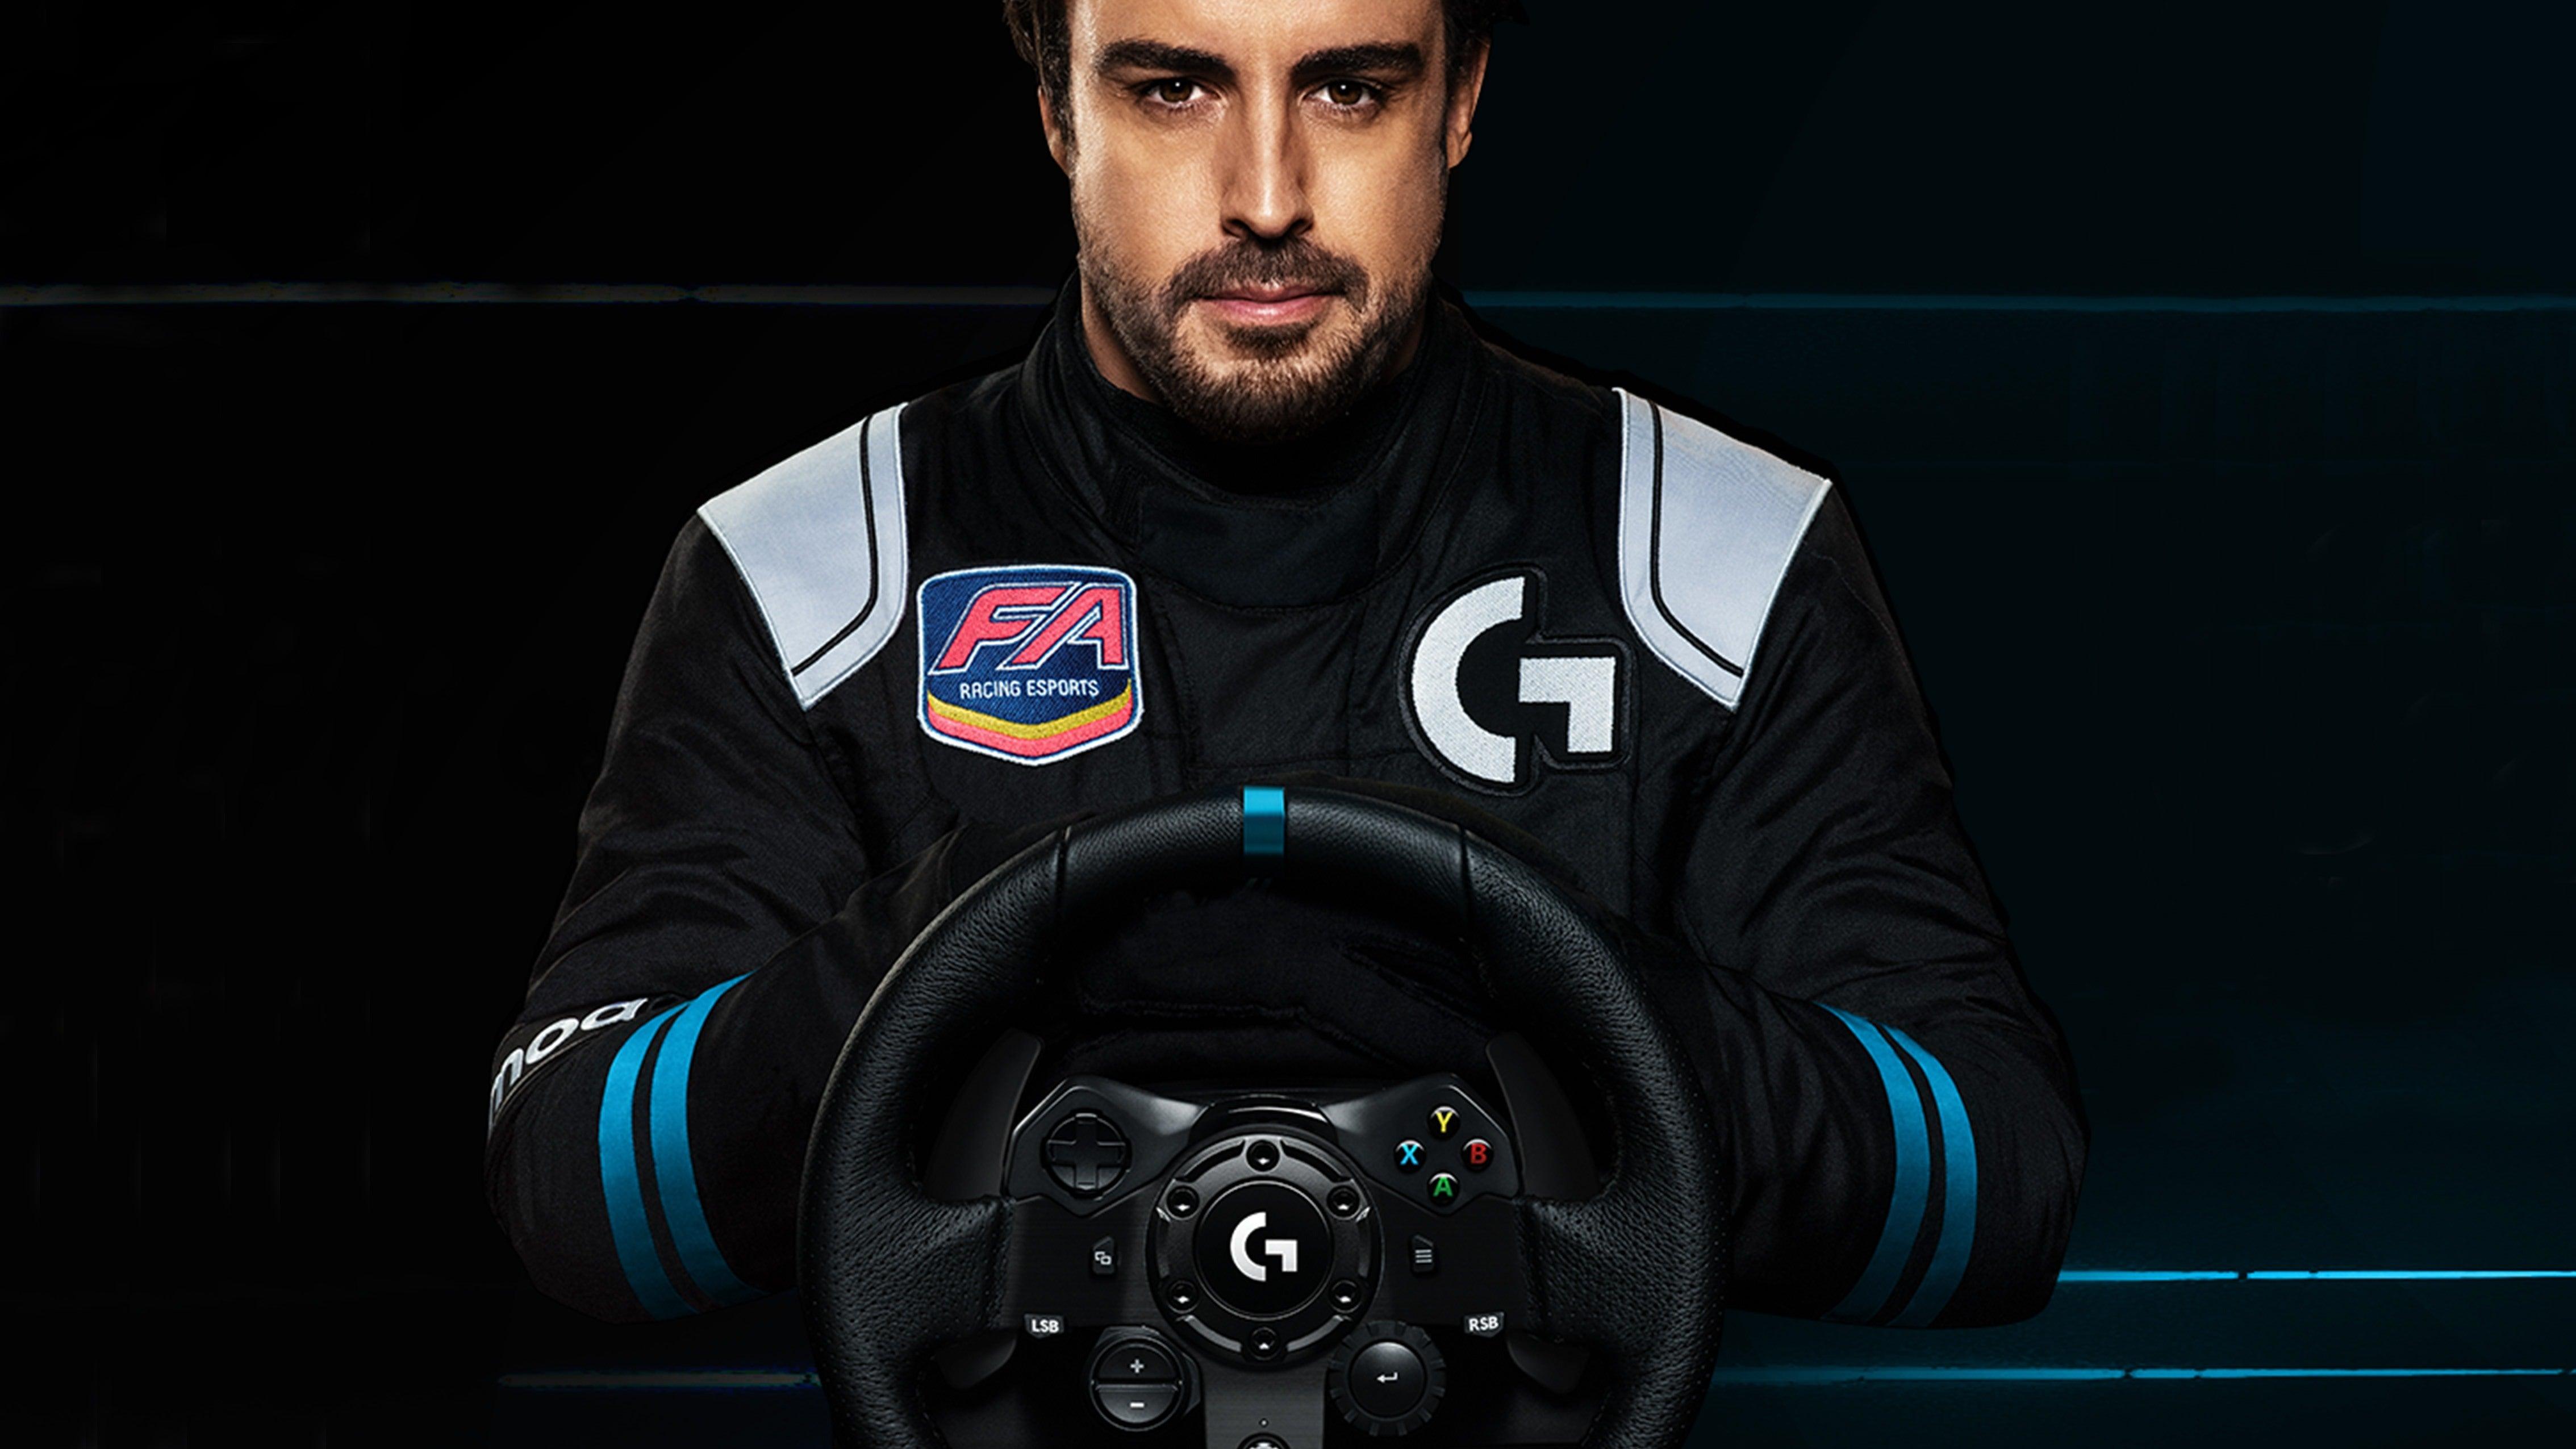 Comprend une nouvelle solution de retour de force qui, selon la société, «révolutionne l'expérience de course en simulation».